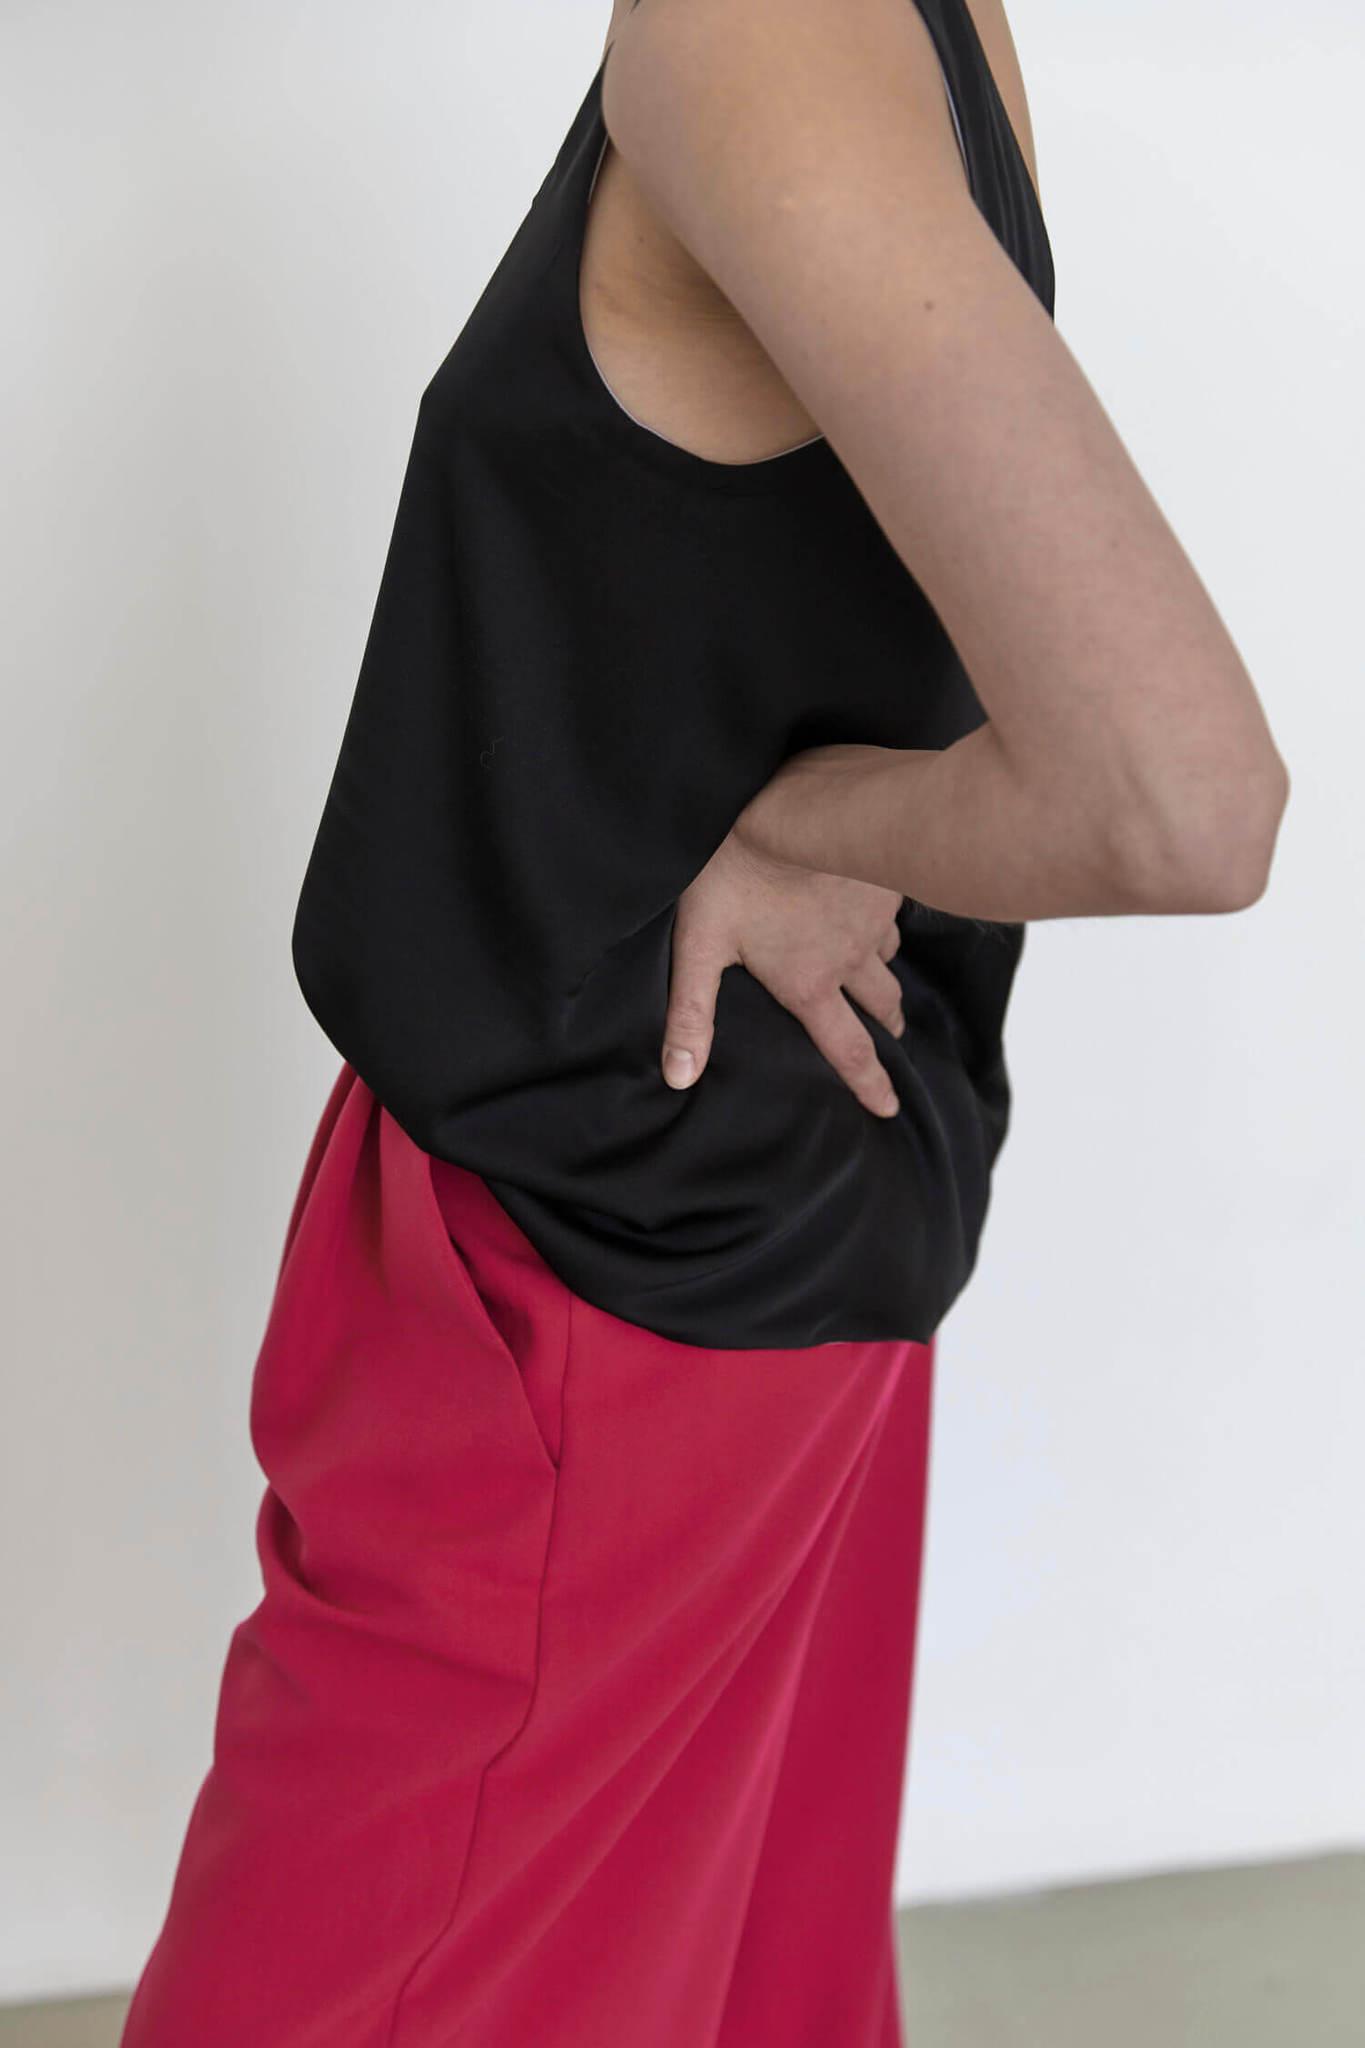 Топ-майка без боковых швов двусторонний, черный/жемчужно-серый